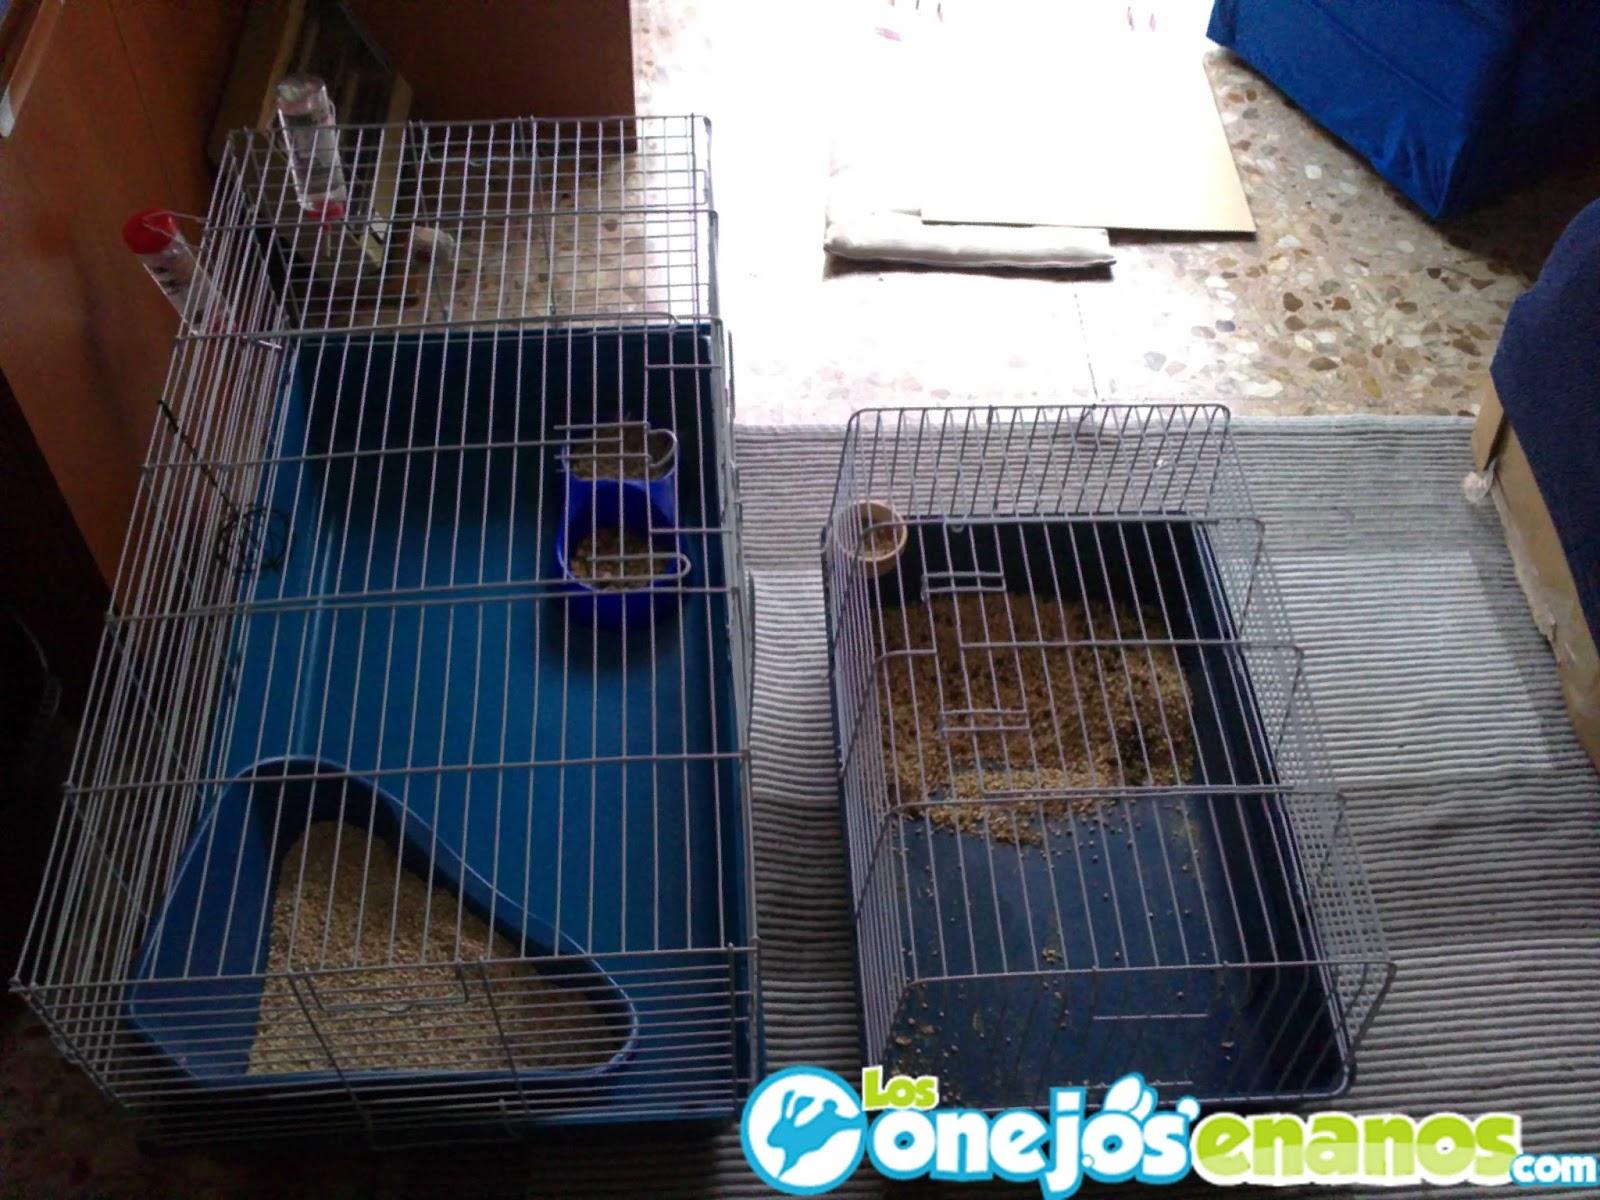 Como debe ser una jaula para conejos dentro de la casa - Casas para conejos enanos ...